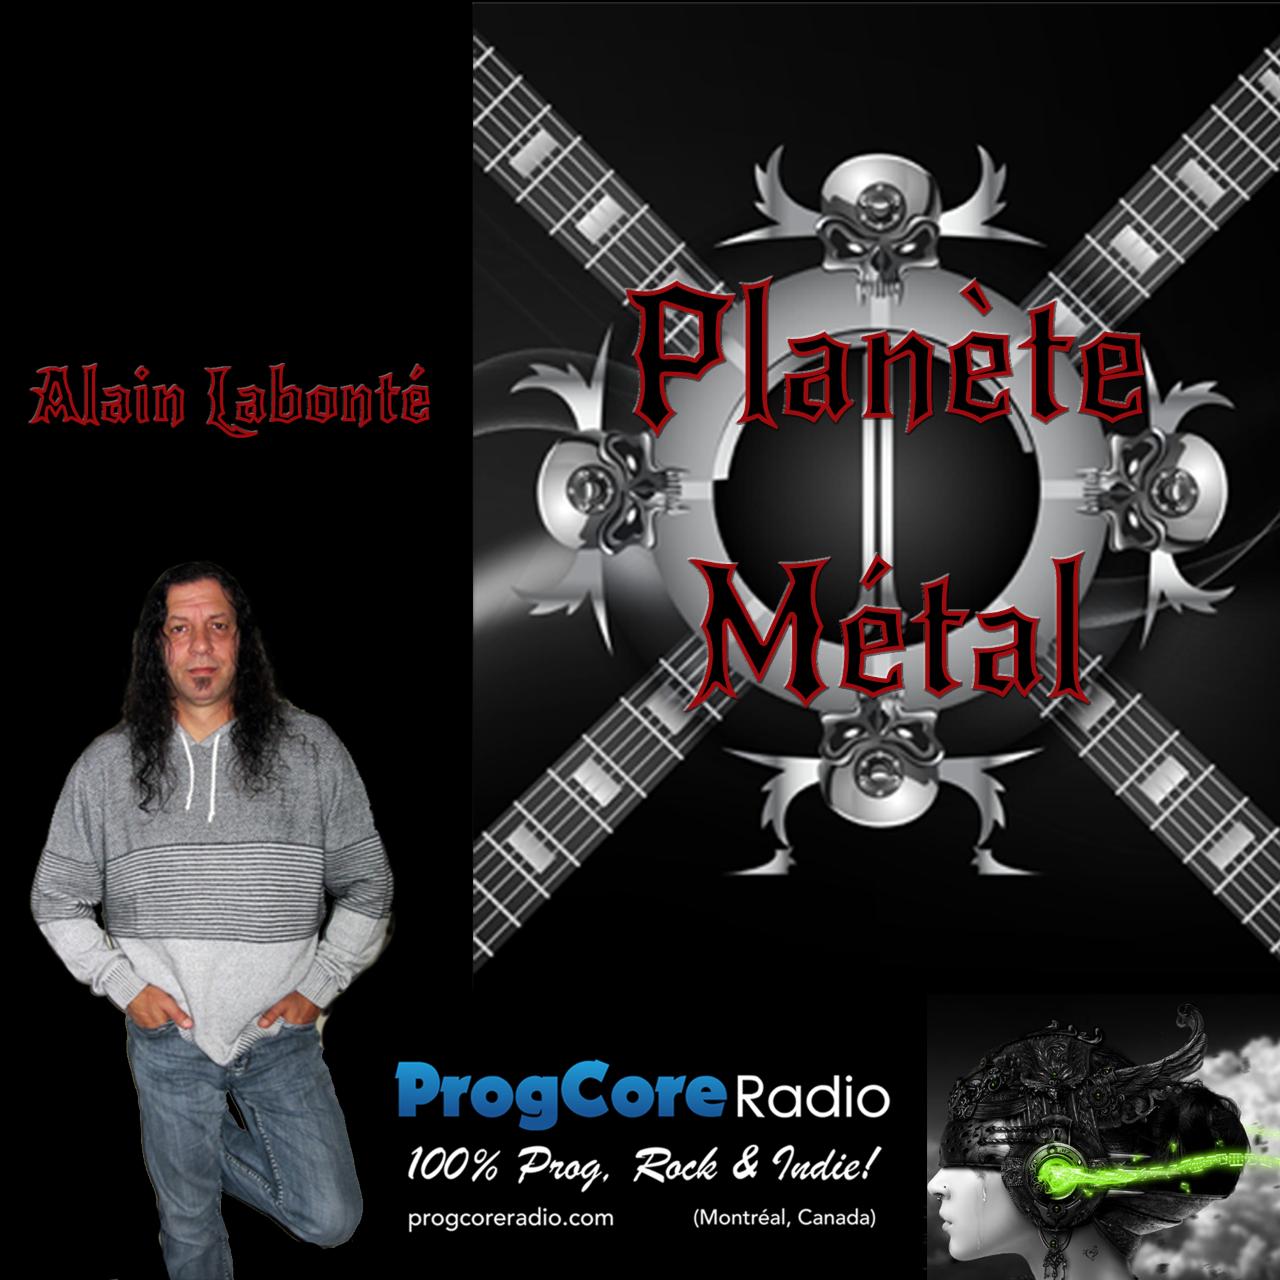 Prog Core Radio